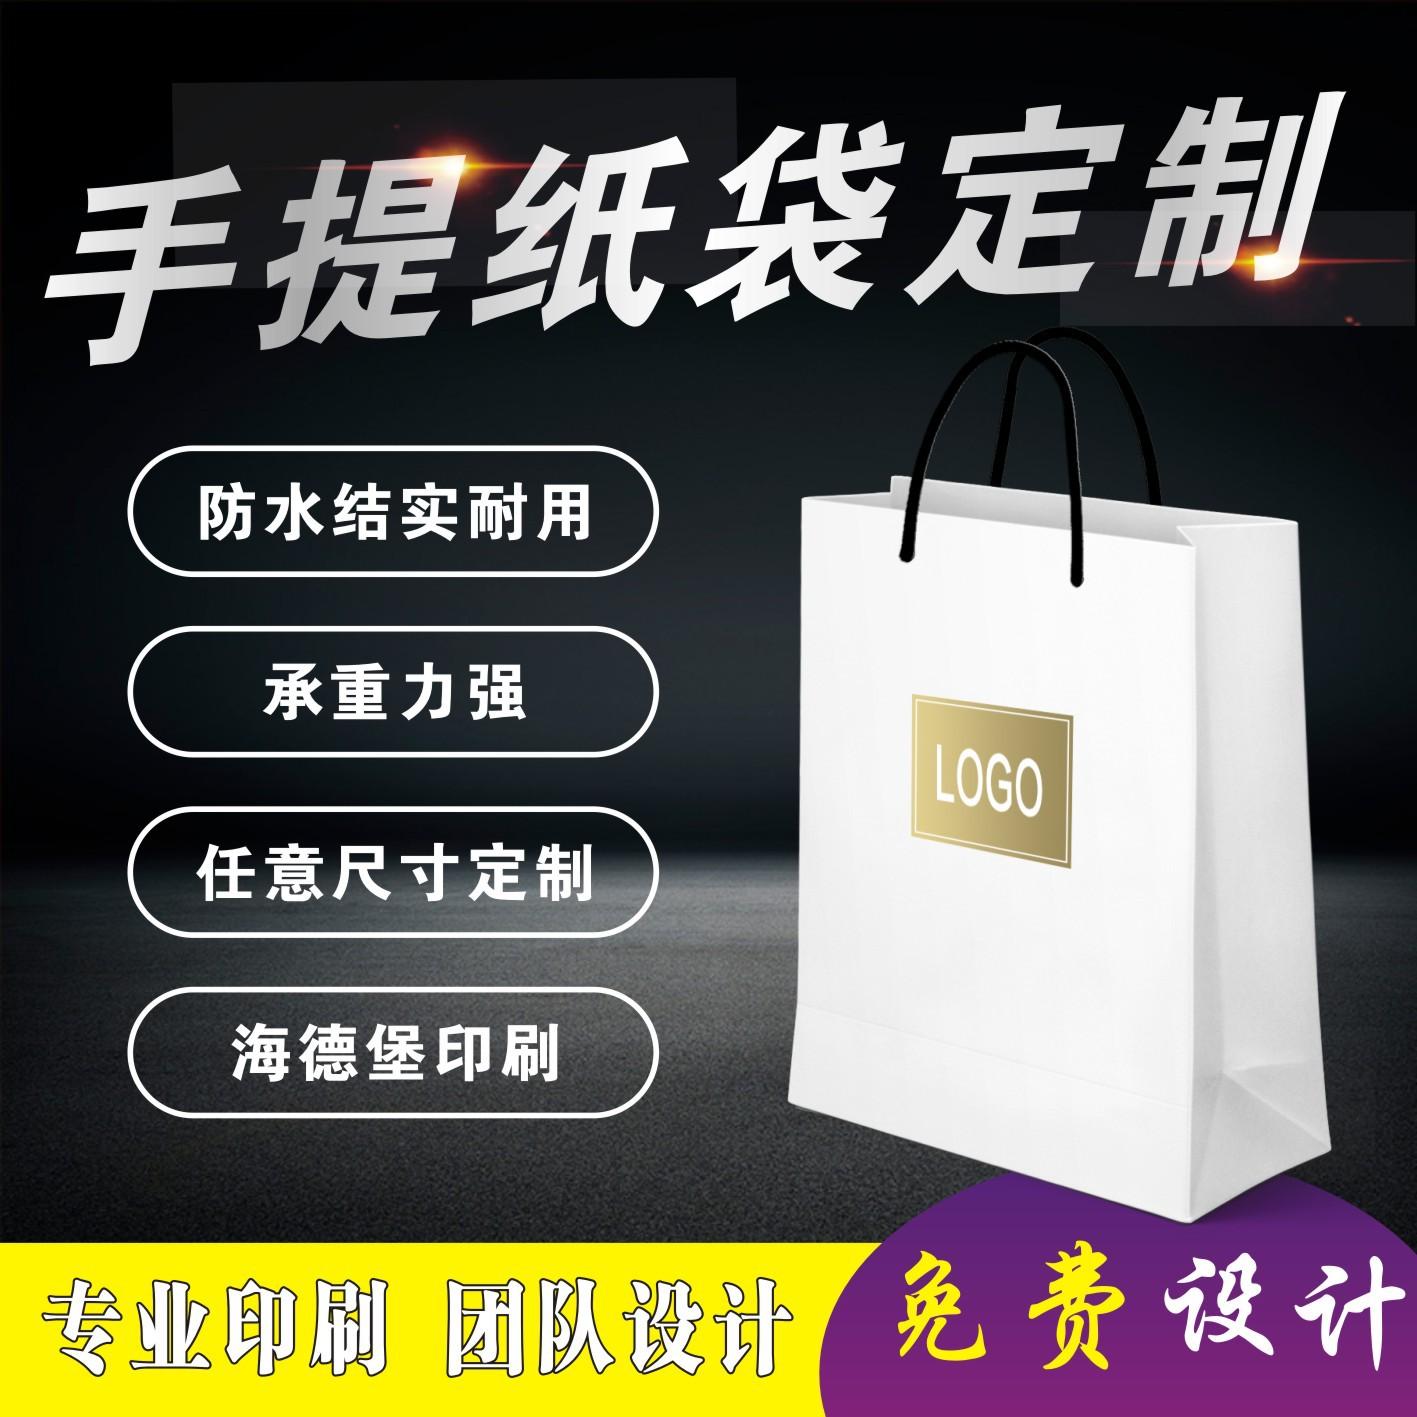 手提袋定制印刷免费设计制作礼品袋订做印制企业广告纸袋定做